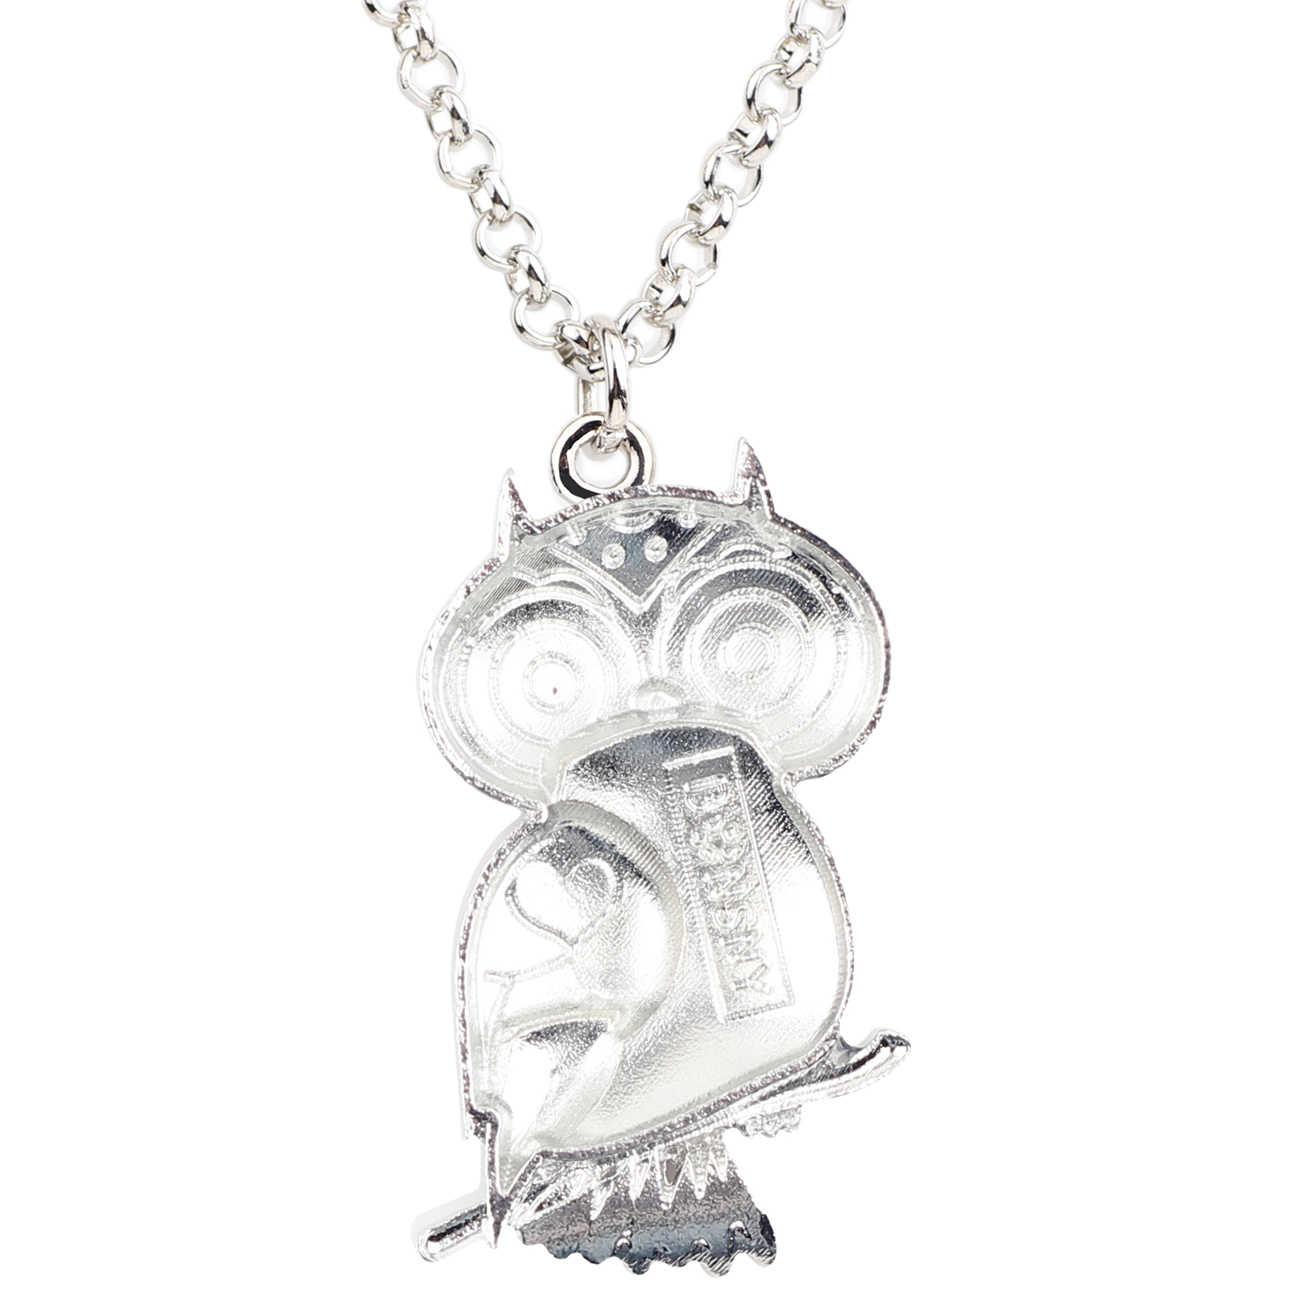 Bonsny Men Hợp Kim Hoa Owl Bird Vòng Cổ Mặt Dây Chuyền Chains Choker Mới Lạ Động Vật Trang Sức Cho Phụ Nữ Cô Gái Món Quà Quyến Rũ Quyến Rũ Nóng